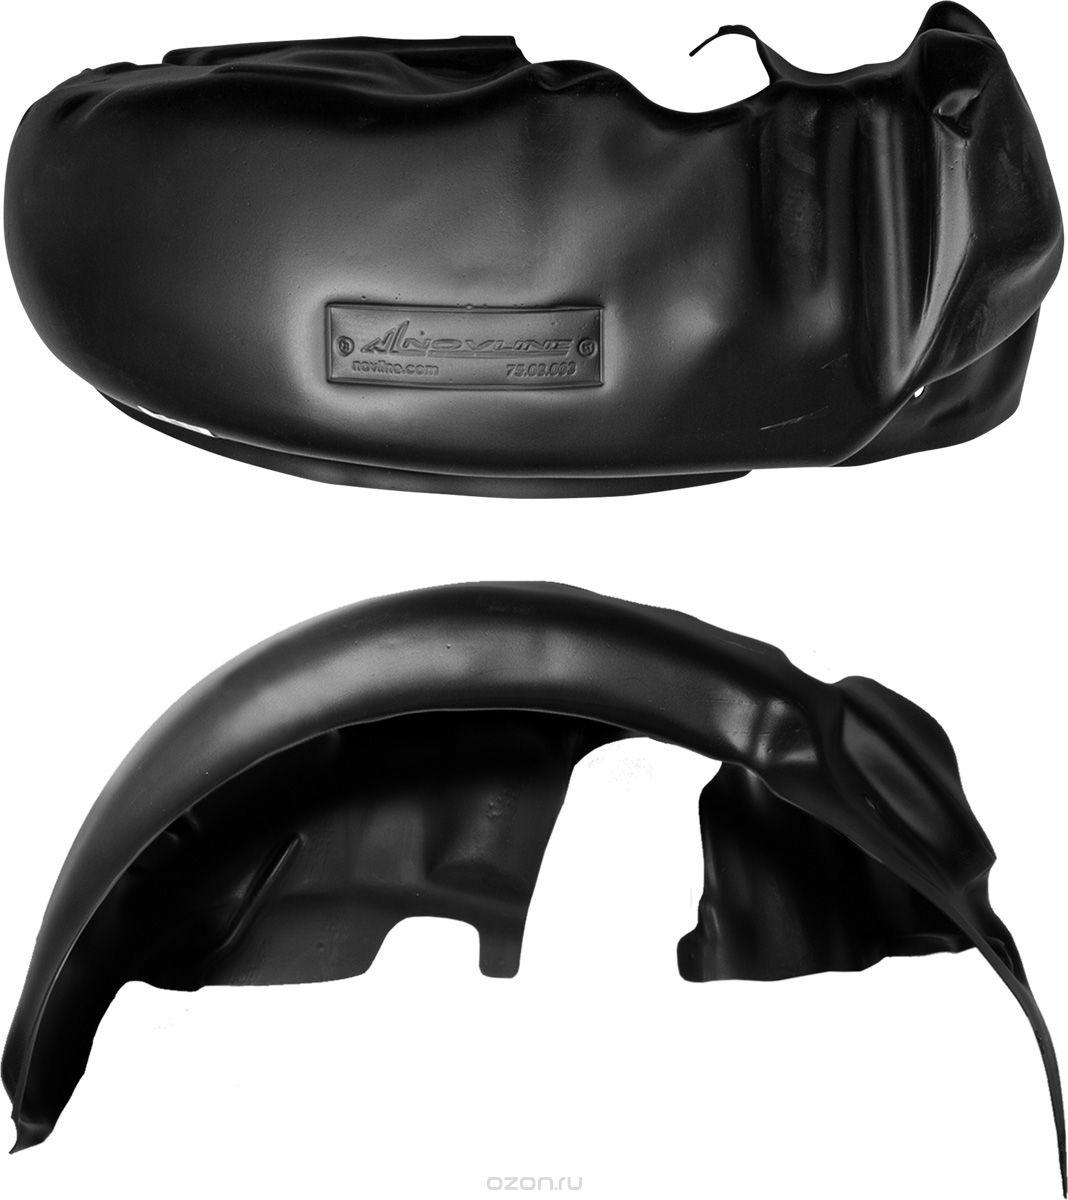 Подкрылок Novline-Autofamily, для PEUGEOT Boxer /CITROEN Jumper, задний левый с расширителями арок, 2006->NLL.38.19.003Идеальная защита колесной ниши. Локеры разработаны с применением цифровых технологий, гарантируют максимальную повторяемость поверхности арки. Изделия устанавливаются без нарушения лакокрасочного покрытия автомобиля, каждый подкрылок комплектуется крепежом. Уважаемые клиенты, обращаем ваше внимание, что фотографии на подкрылки универсальные и не отражают реальную форму изделия. При этом само изделие идет точно под размер указанного автомобиля.